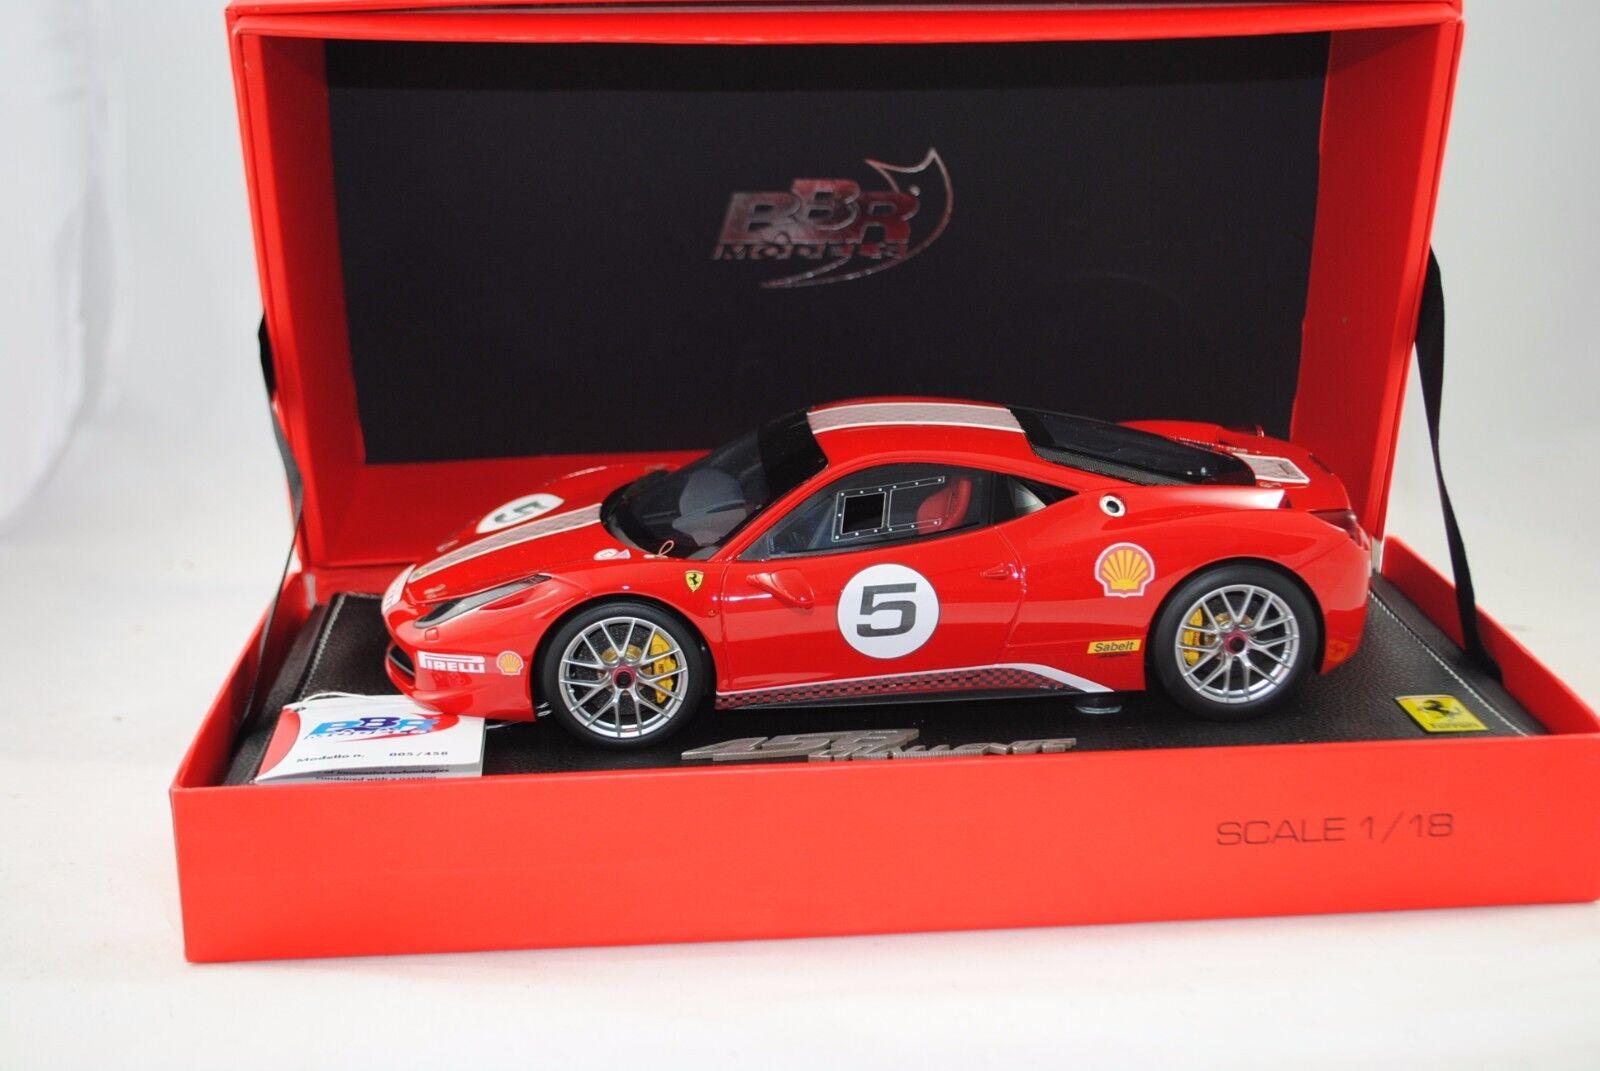 1 18 Bbr  P1824 - Ferrari 458 Challenge 2010 Limitato 005 458 Lancio Versione §